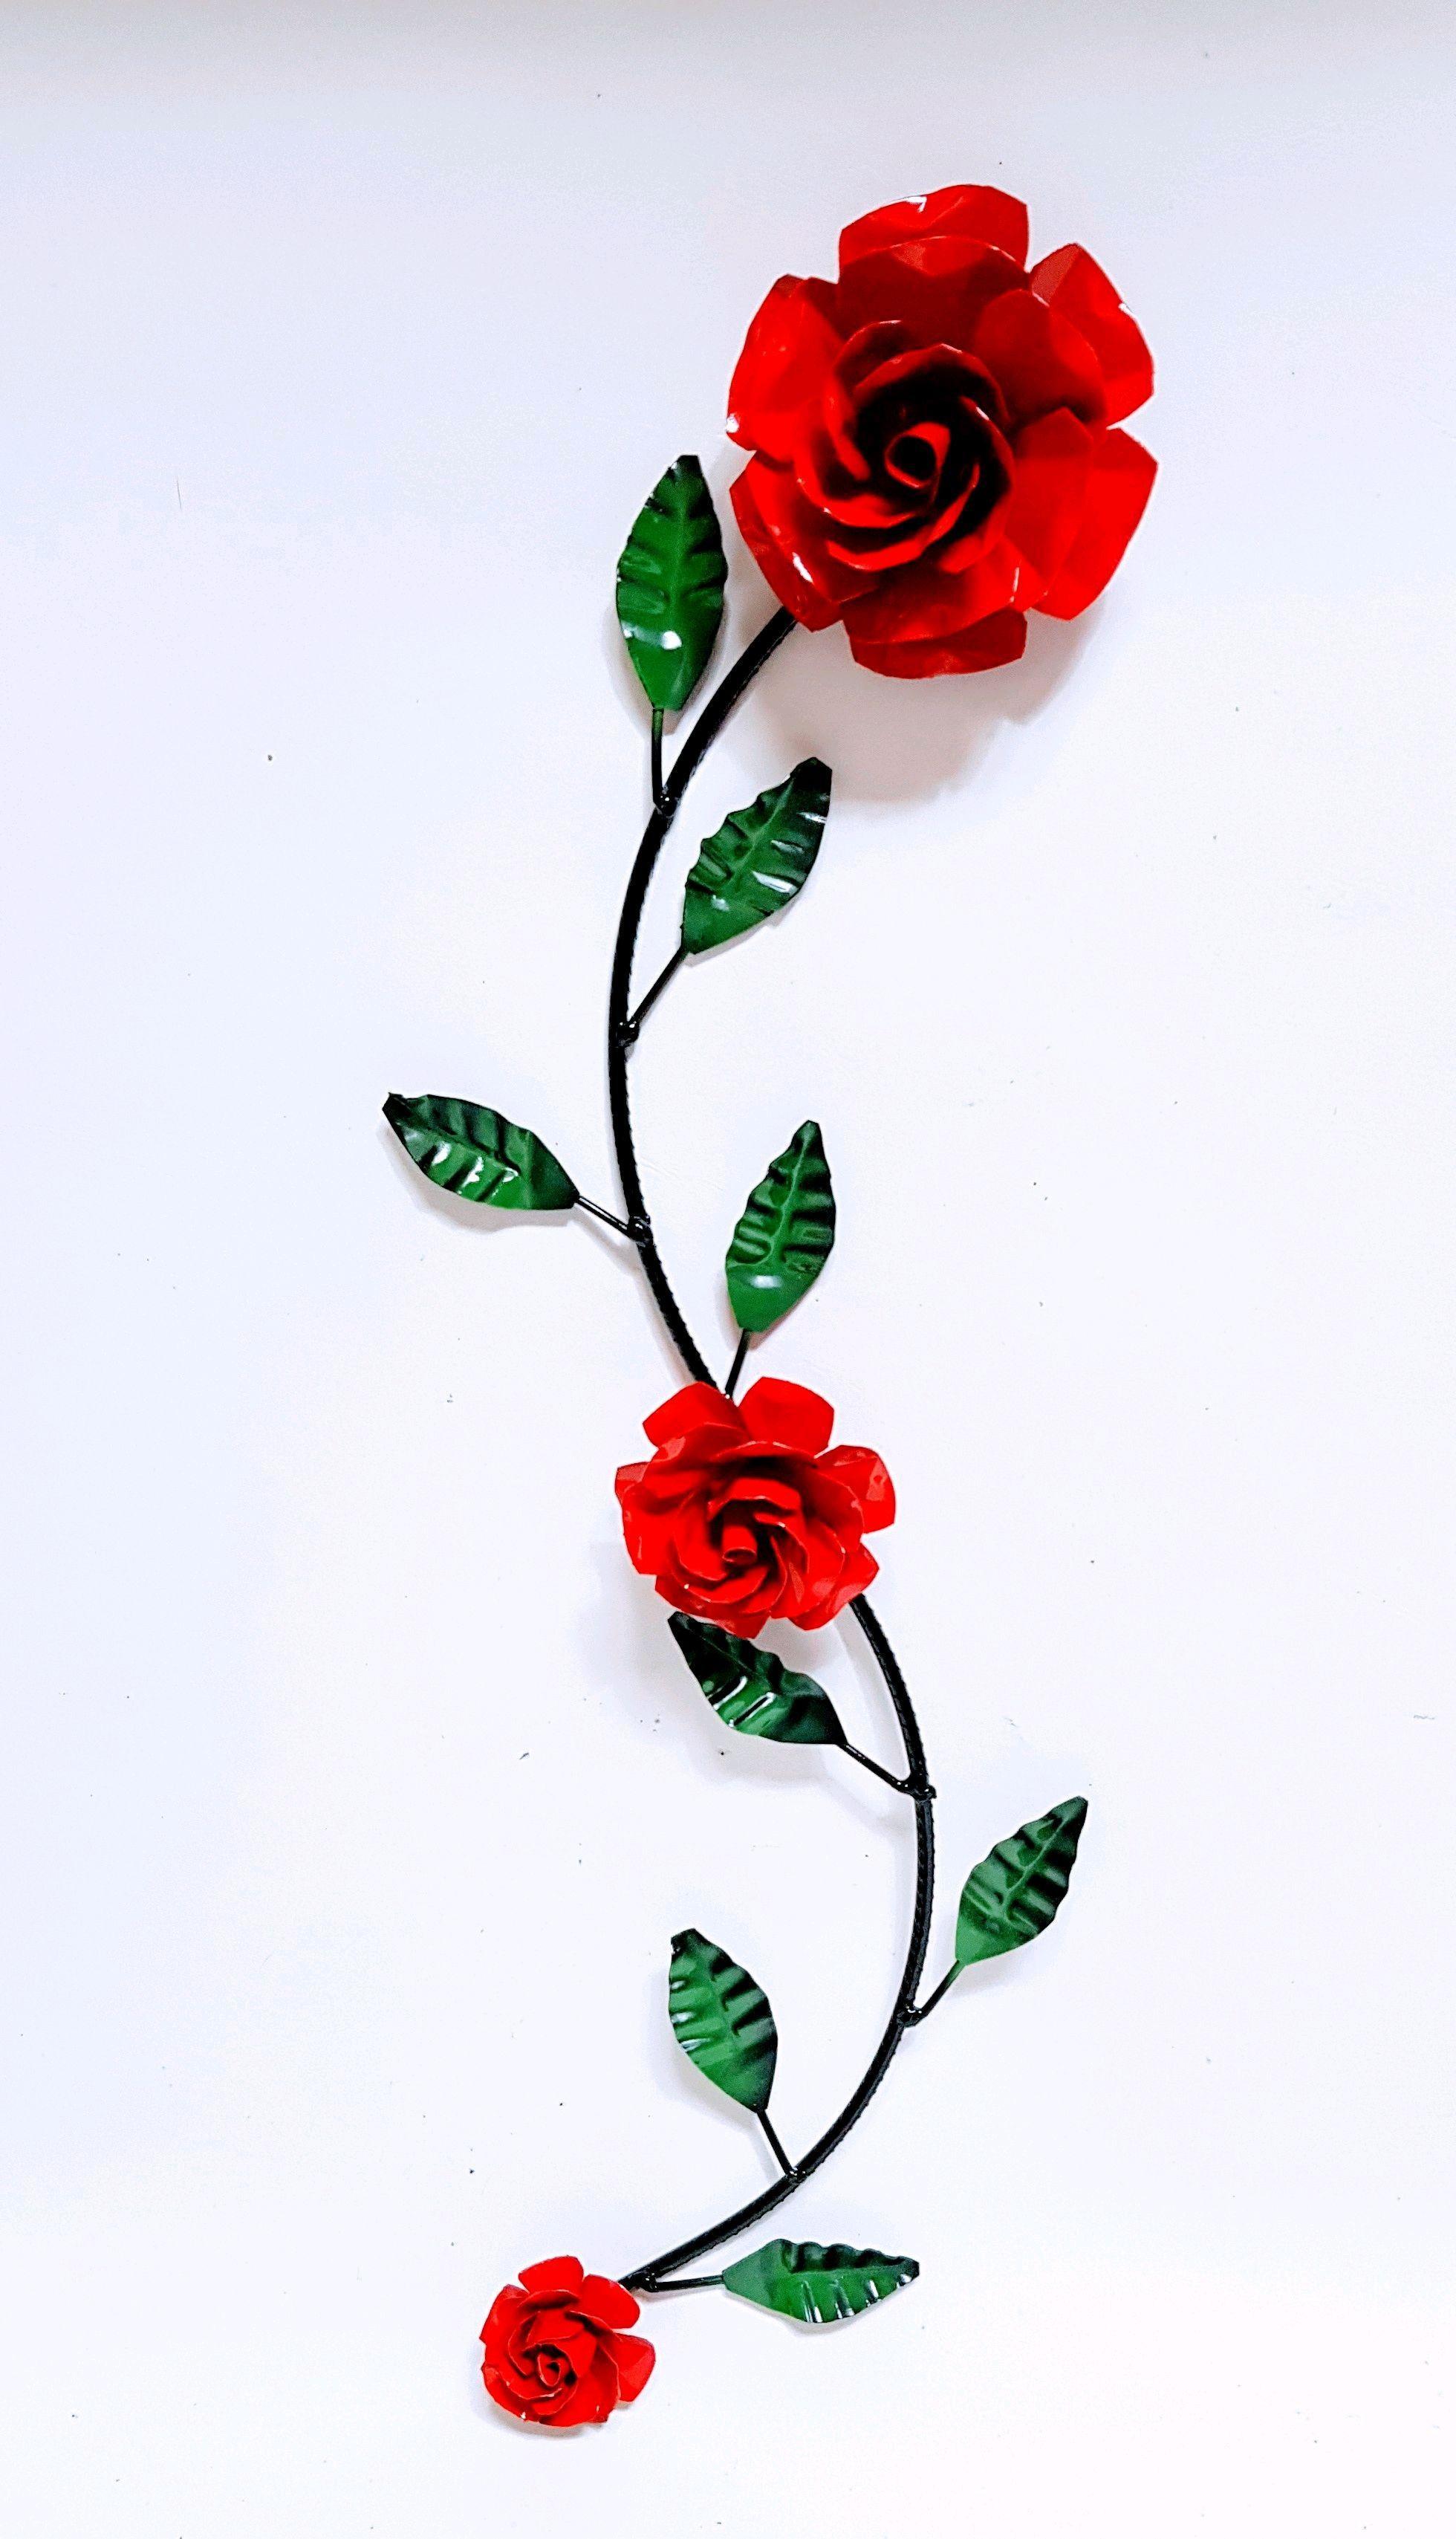 Ramo Decorativo Com Flor E Folhas No Elo7 Mund Arte Artesanatos